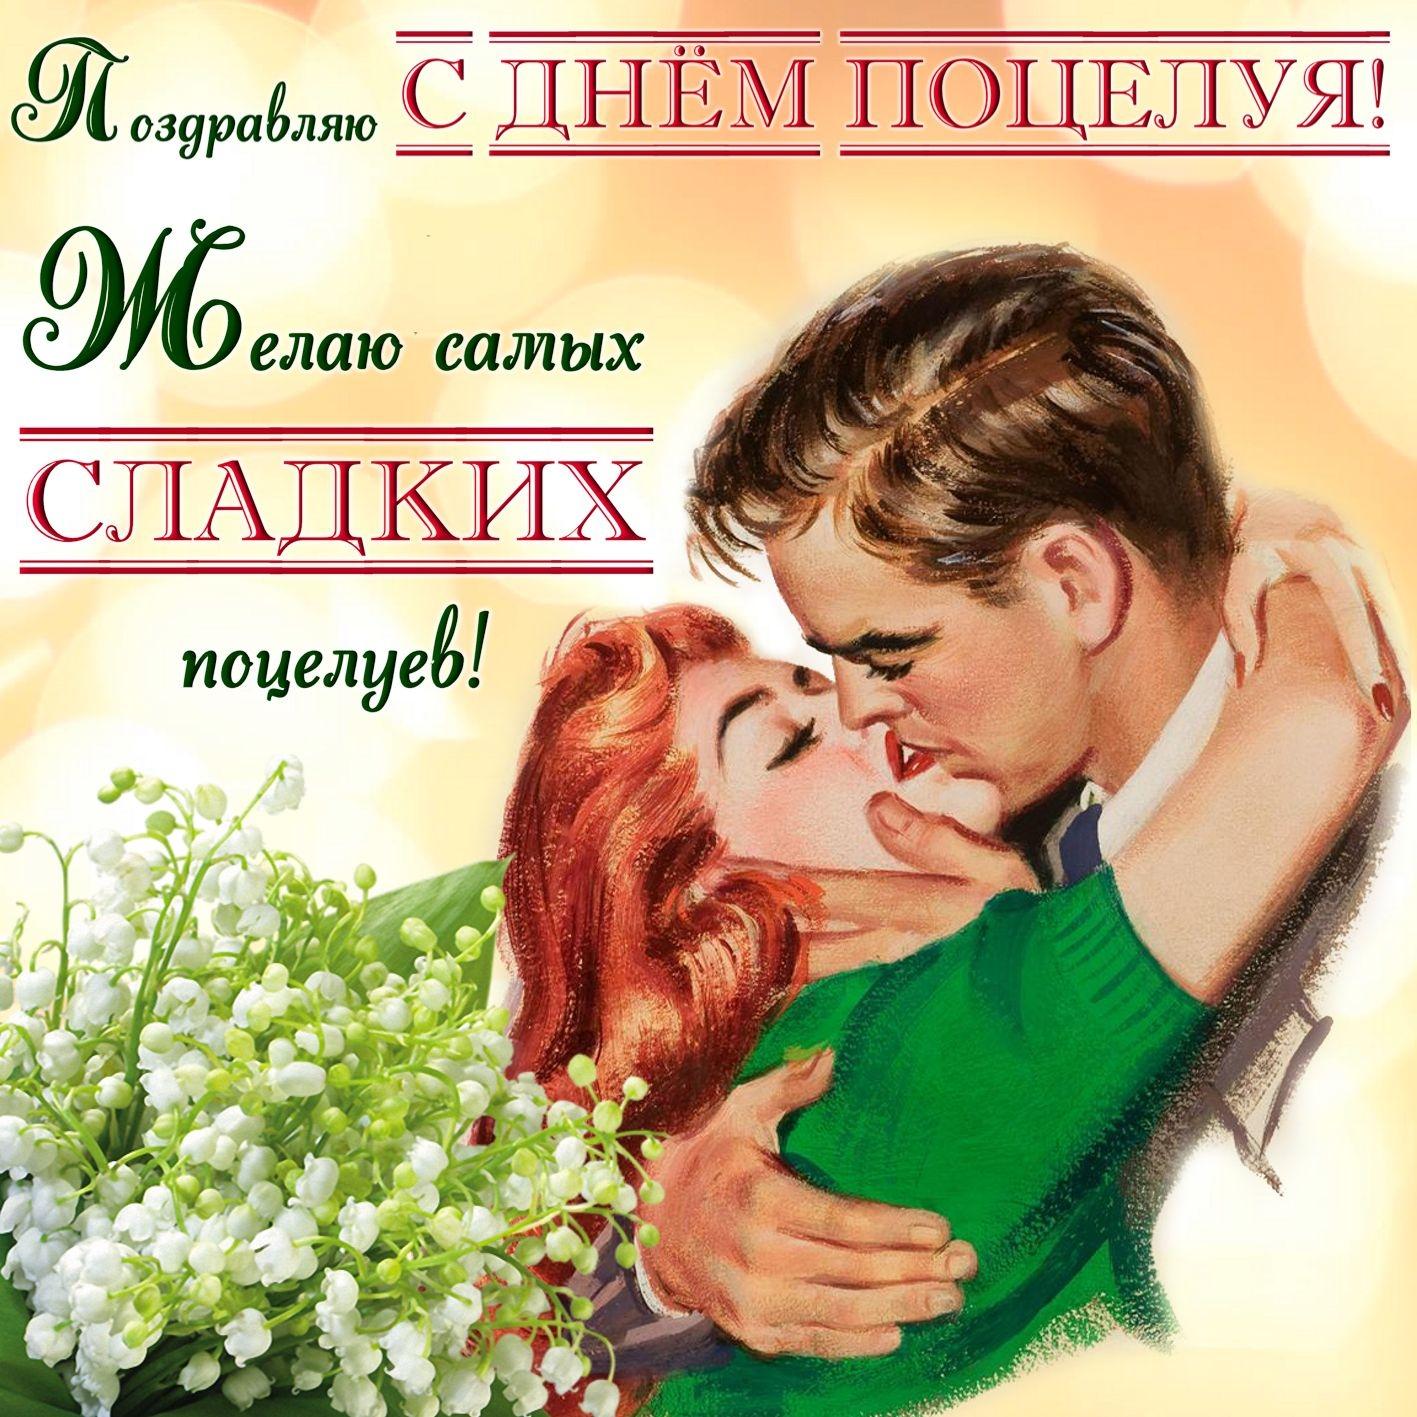 просто открытка другу с днем поцелуев зал